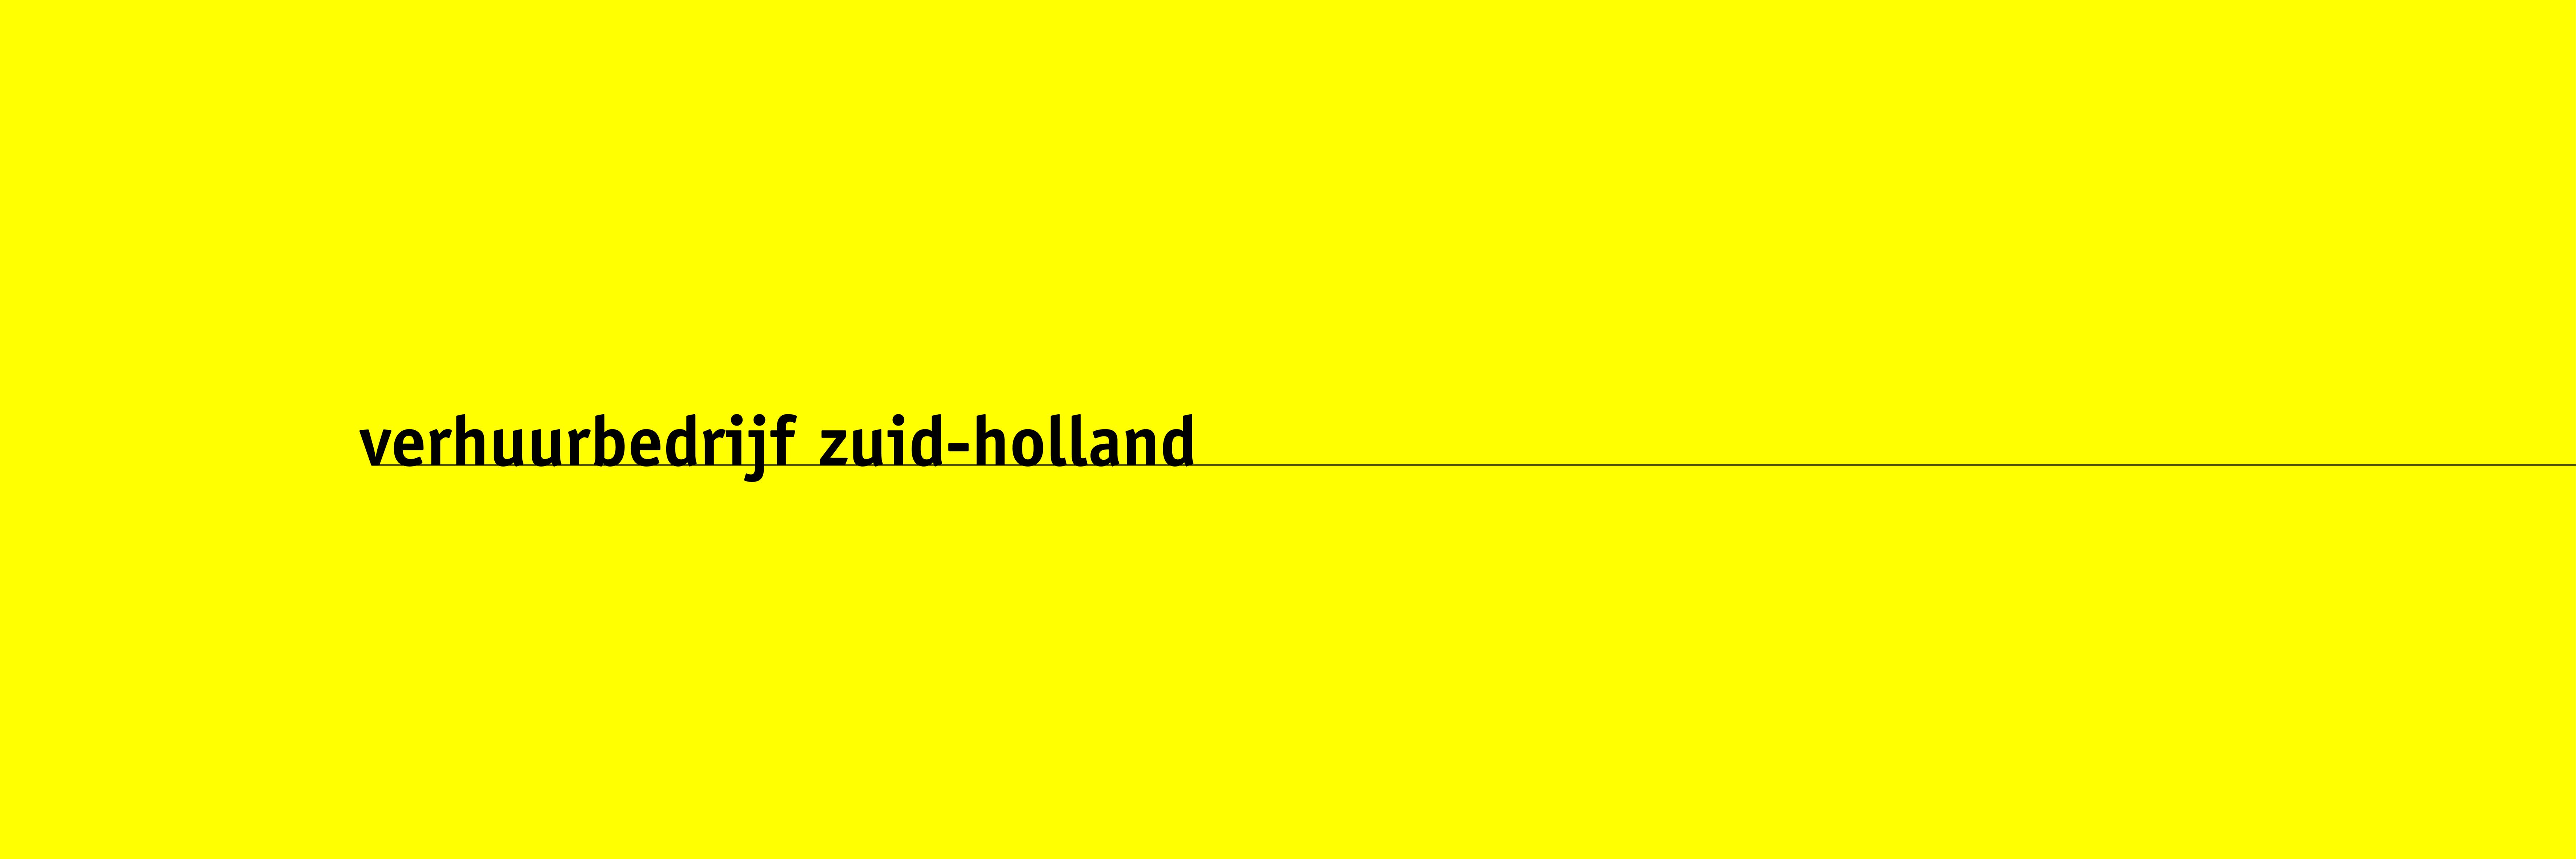 Verhuurbedrijf Zuid Holland - Ja, met de inzet van (horeca)Verhuurbedrijf Zuid-Holland bent u in staat de verwachtingen van uw klant of uw gasten te overtreffen!